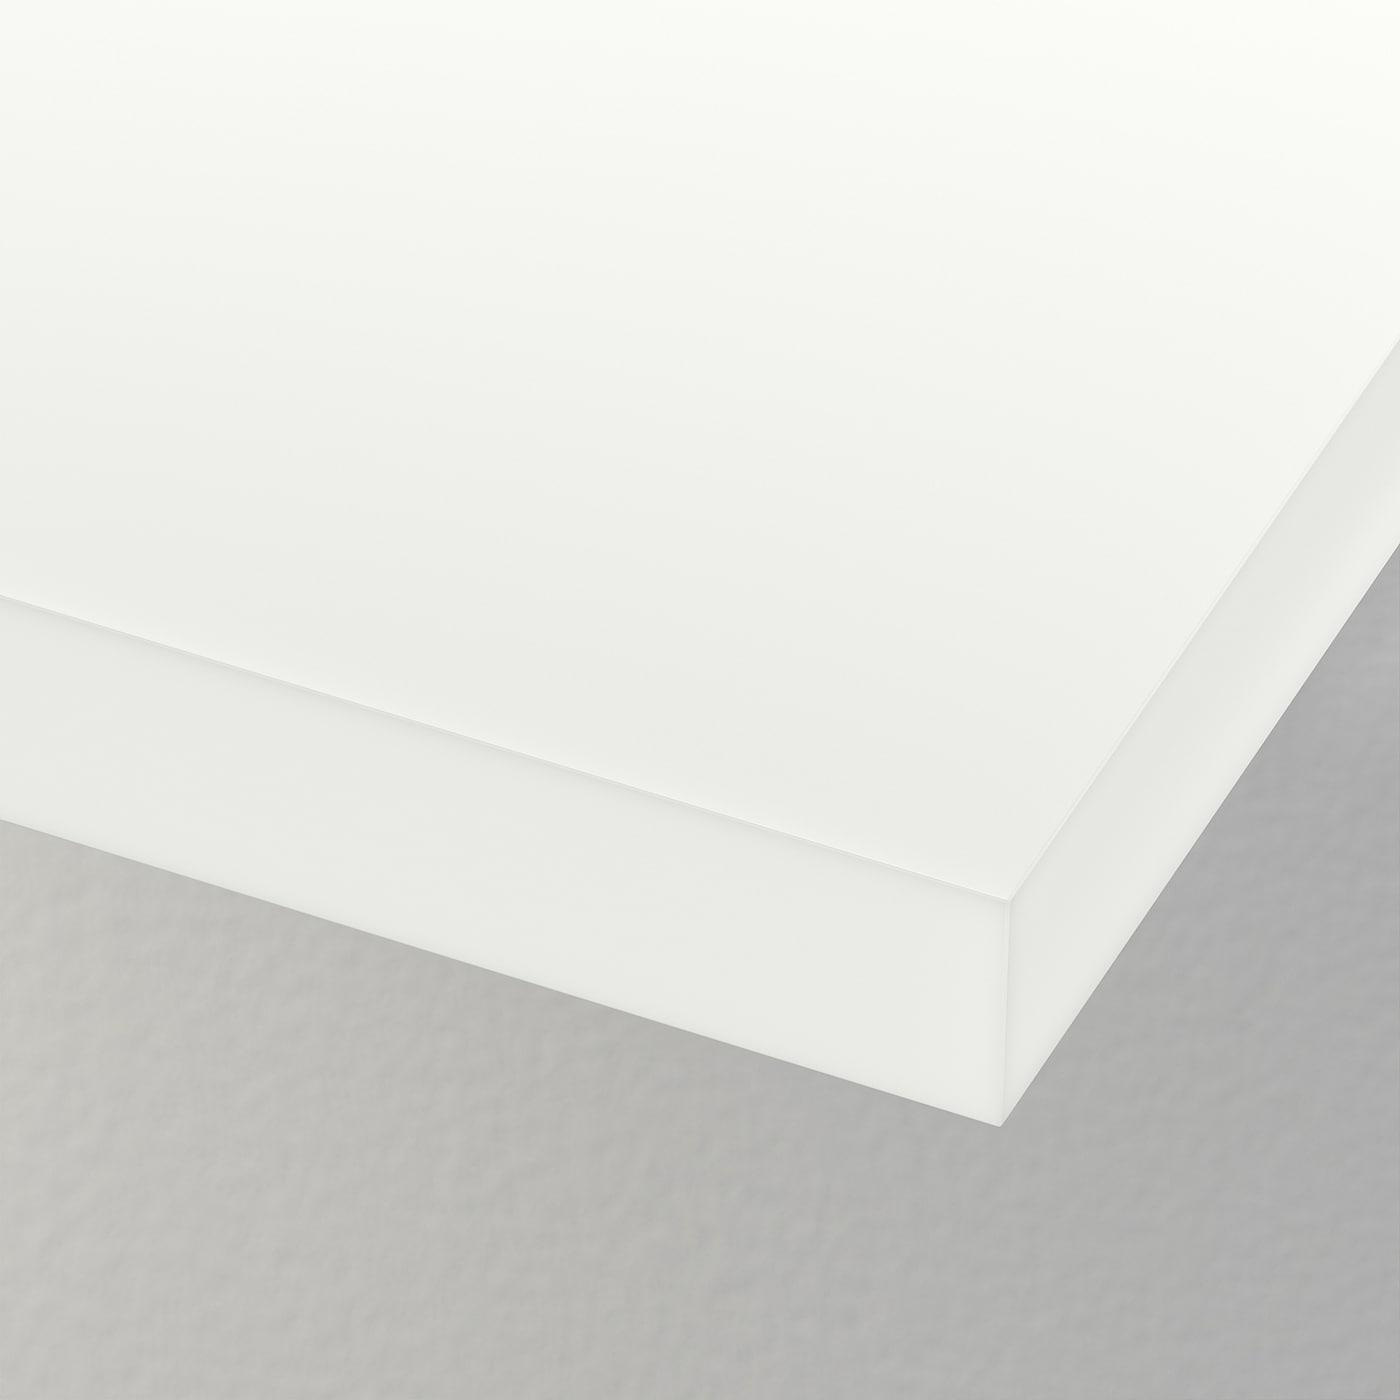 Mensole In Legno Ikea lack mensola - bianco 110x26 cm